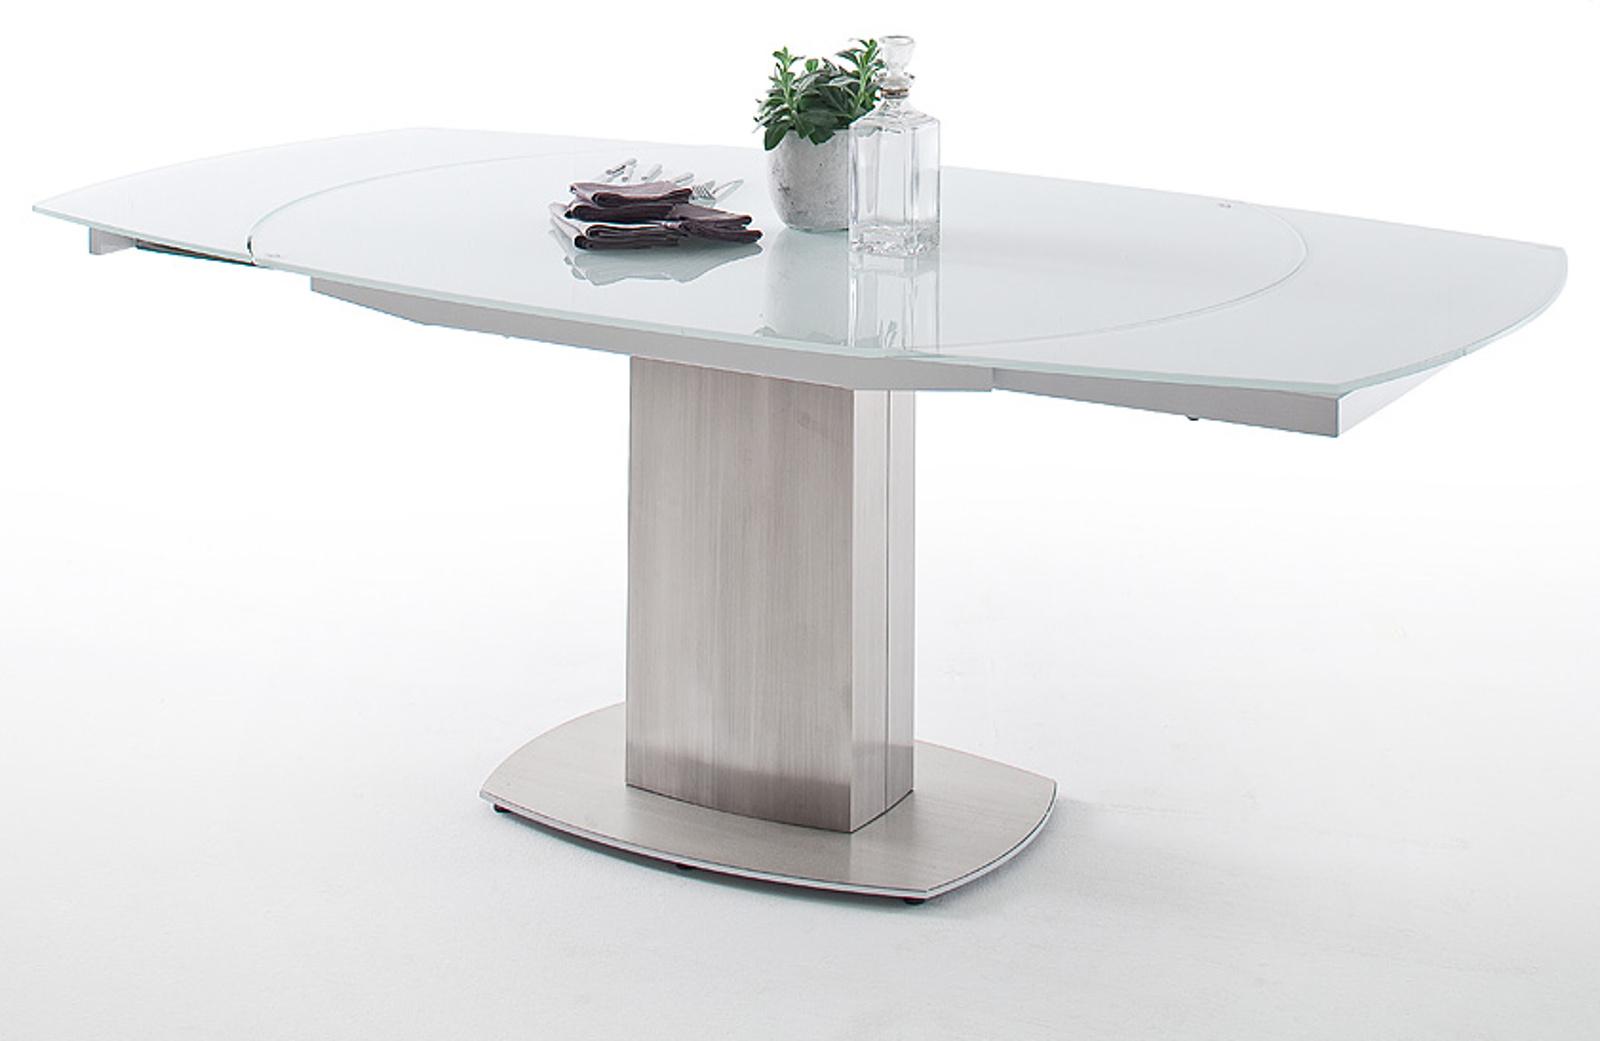 Esstisch zelder glastisch mit edelstahl 130 cm for Ausziehbarer esstisch glas